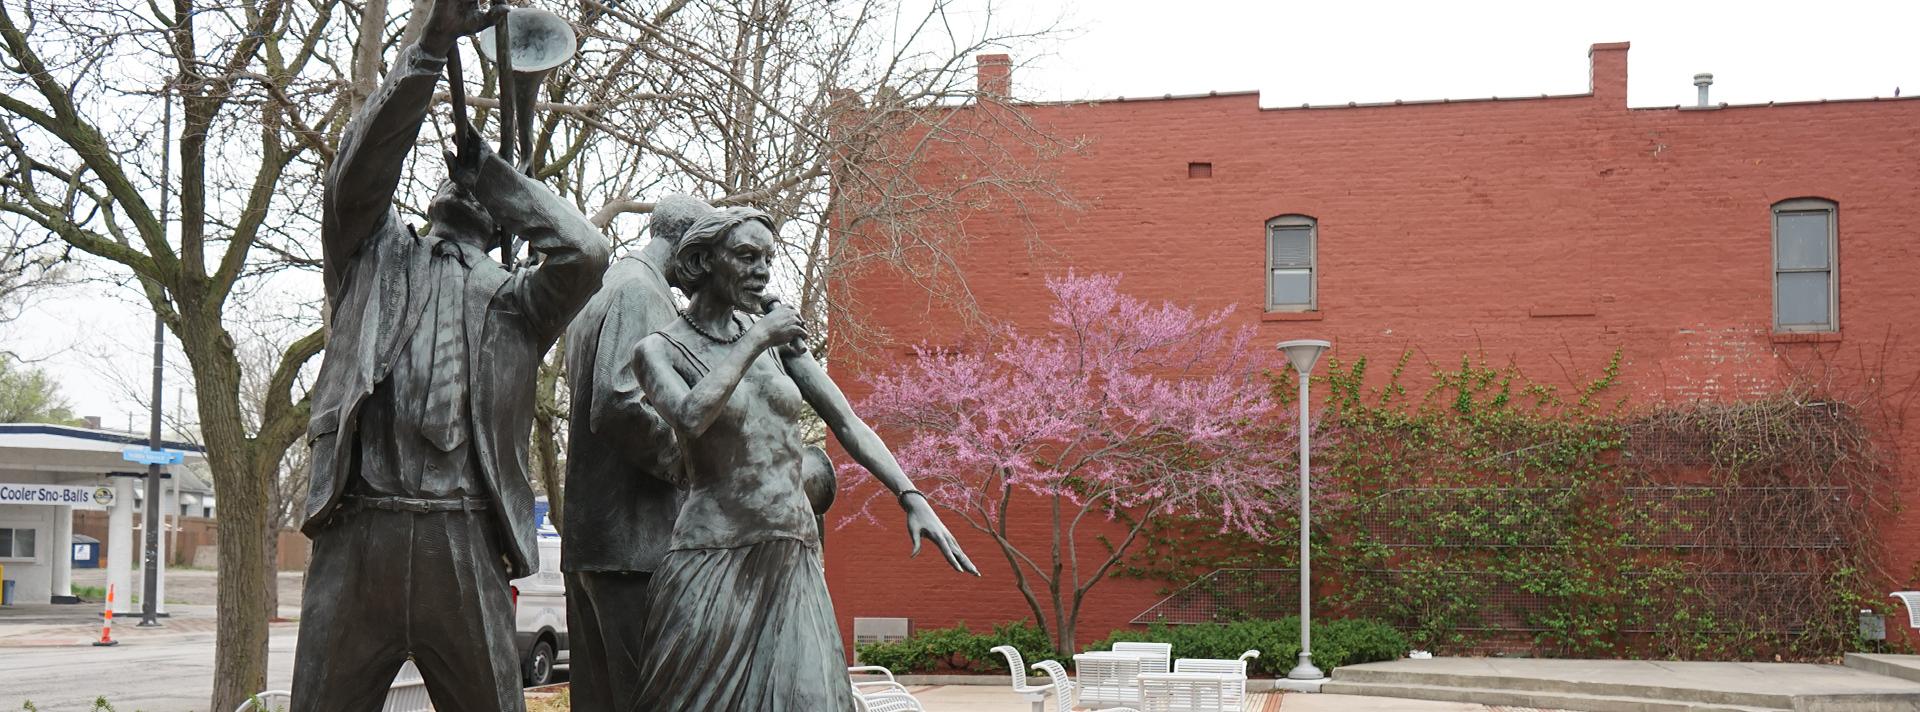 """The bronze statue """"Jazz Trio"""" Littleton Alston in North Omaha's Dreamland Park."""